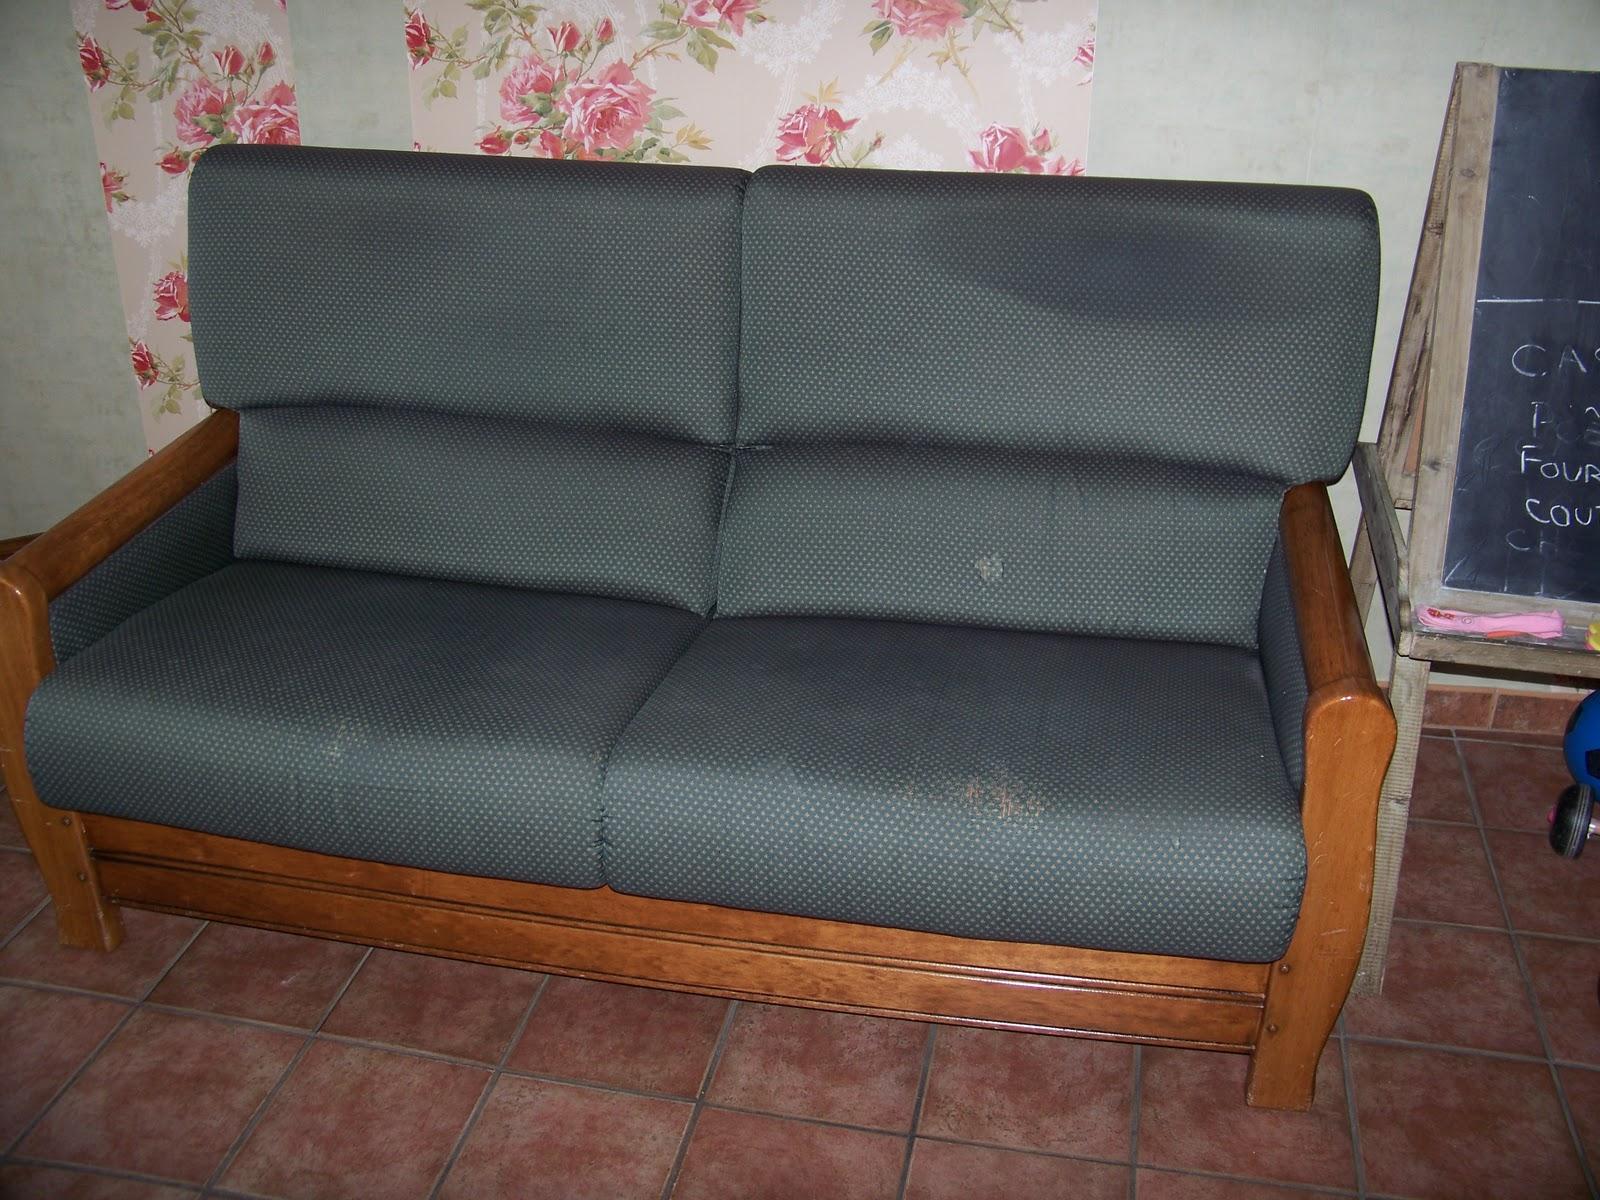 tapissier decorateur housses de canap. Black Bedroom Furniture Sets. Home Design Ideas